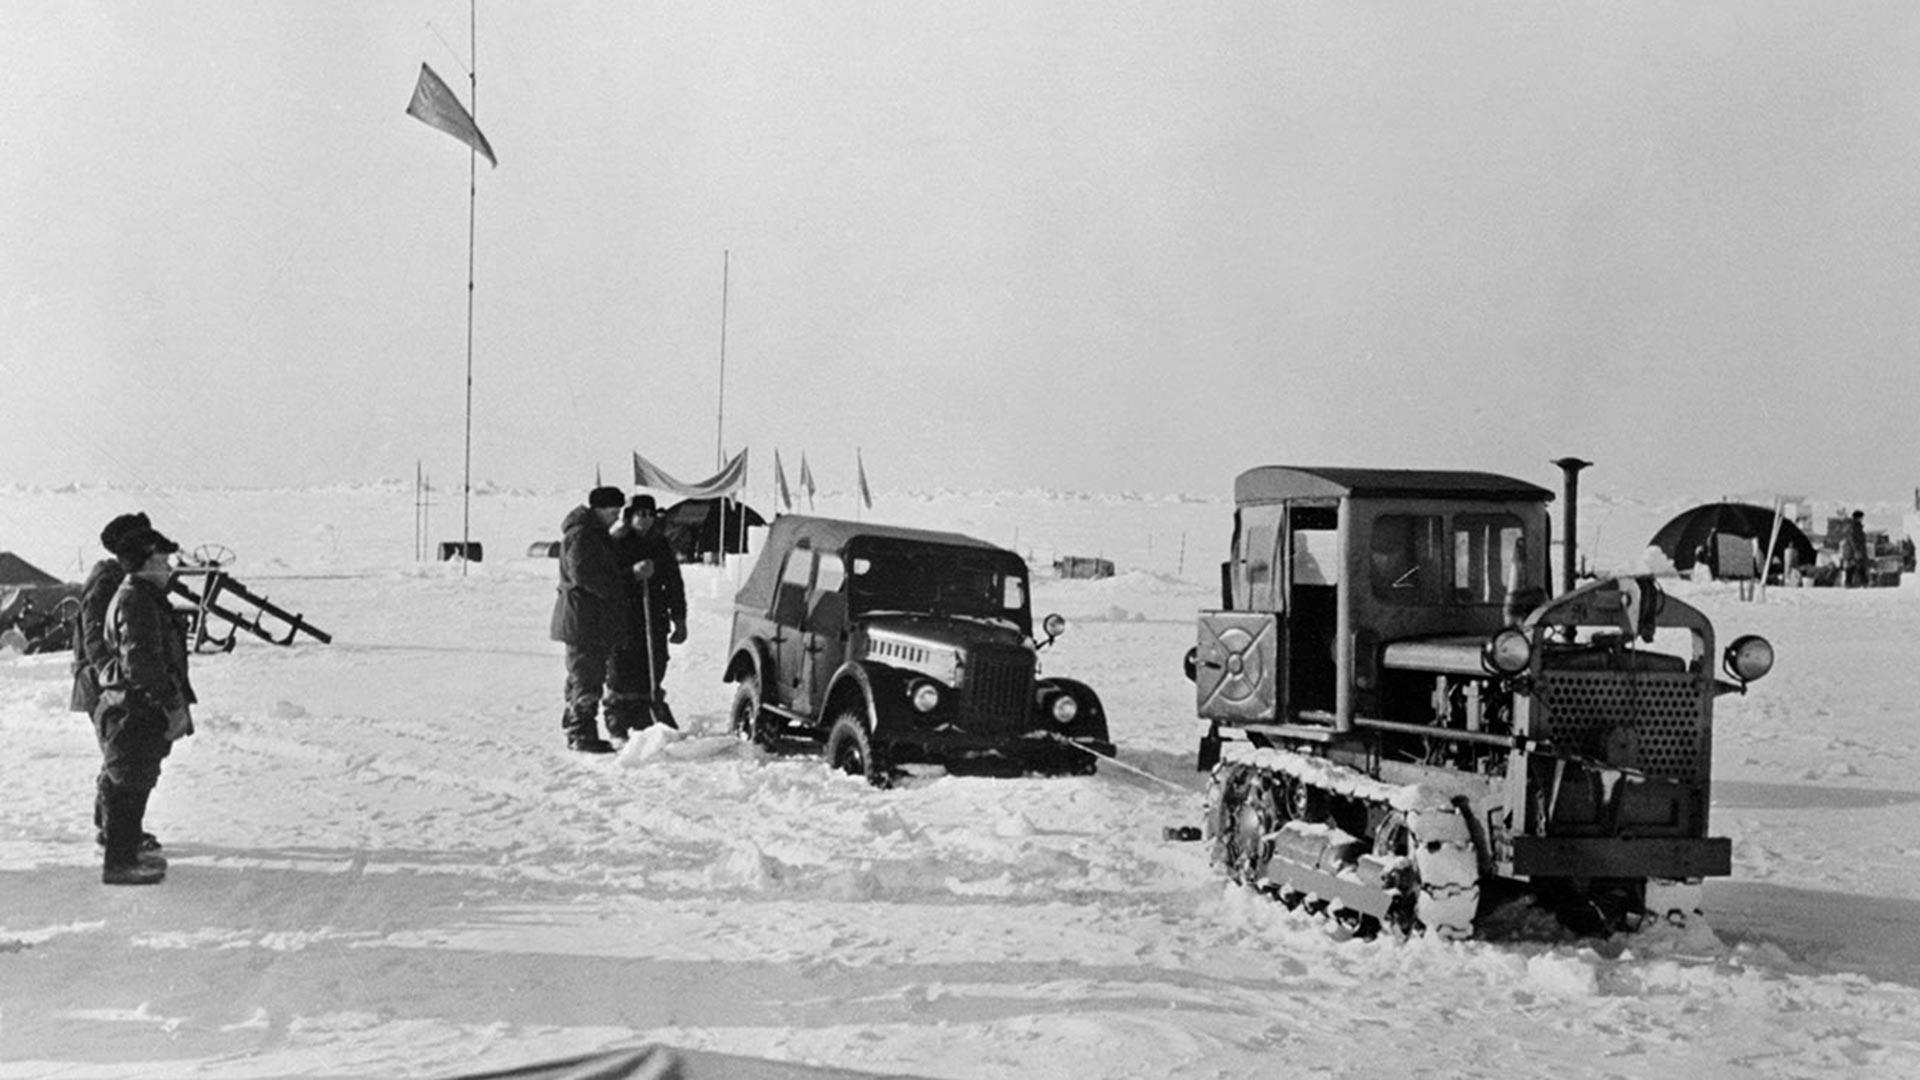 Un tracteur secourt une voiture en panne dans l'une des stations d'observation mises en place par les scientifiques de l'Union soviétique au sommet d'une banquise dans la région arctique.